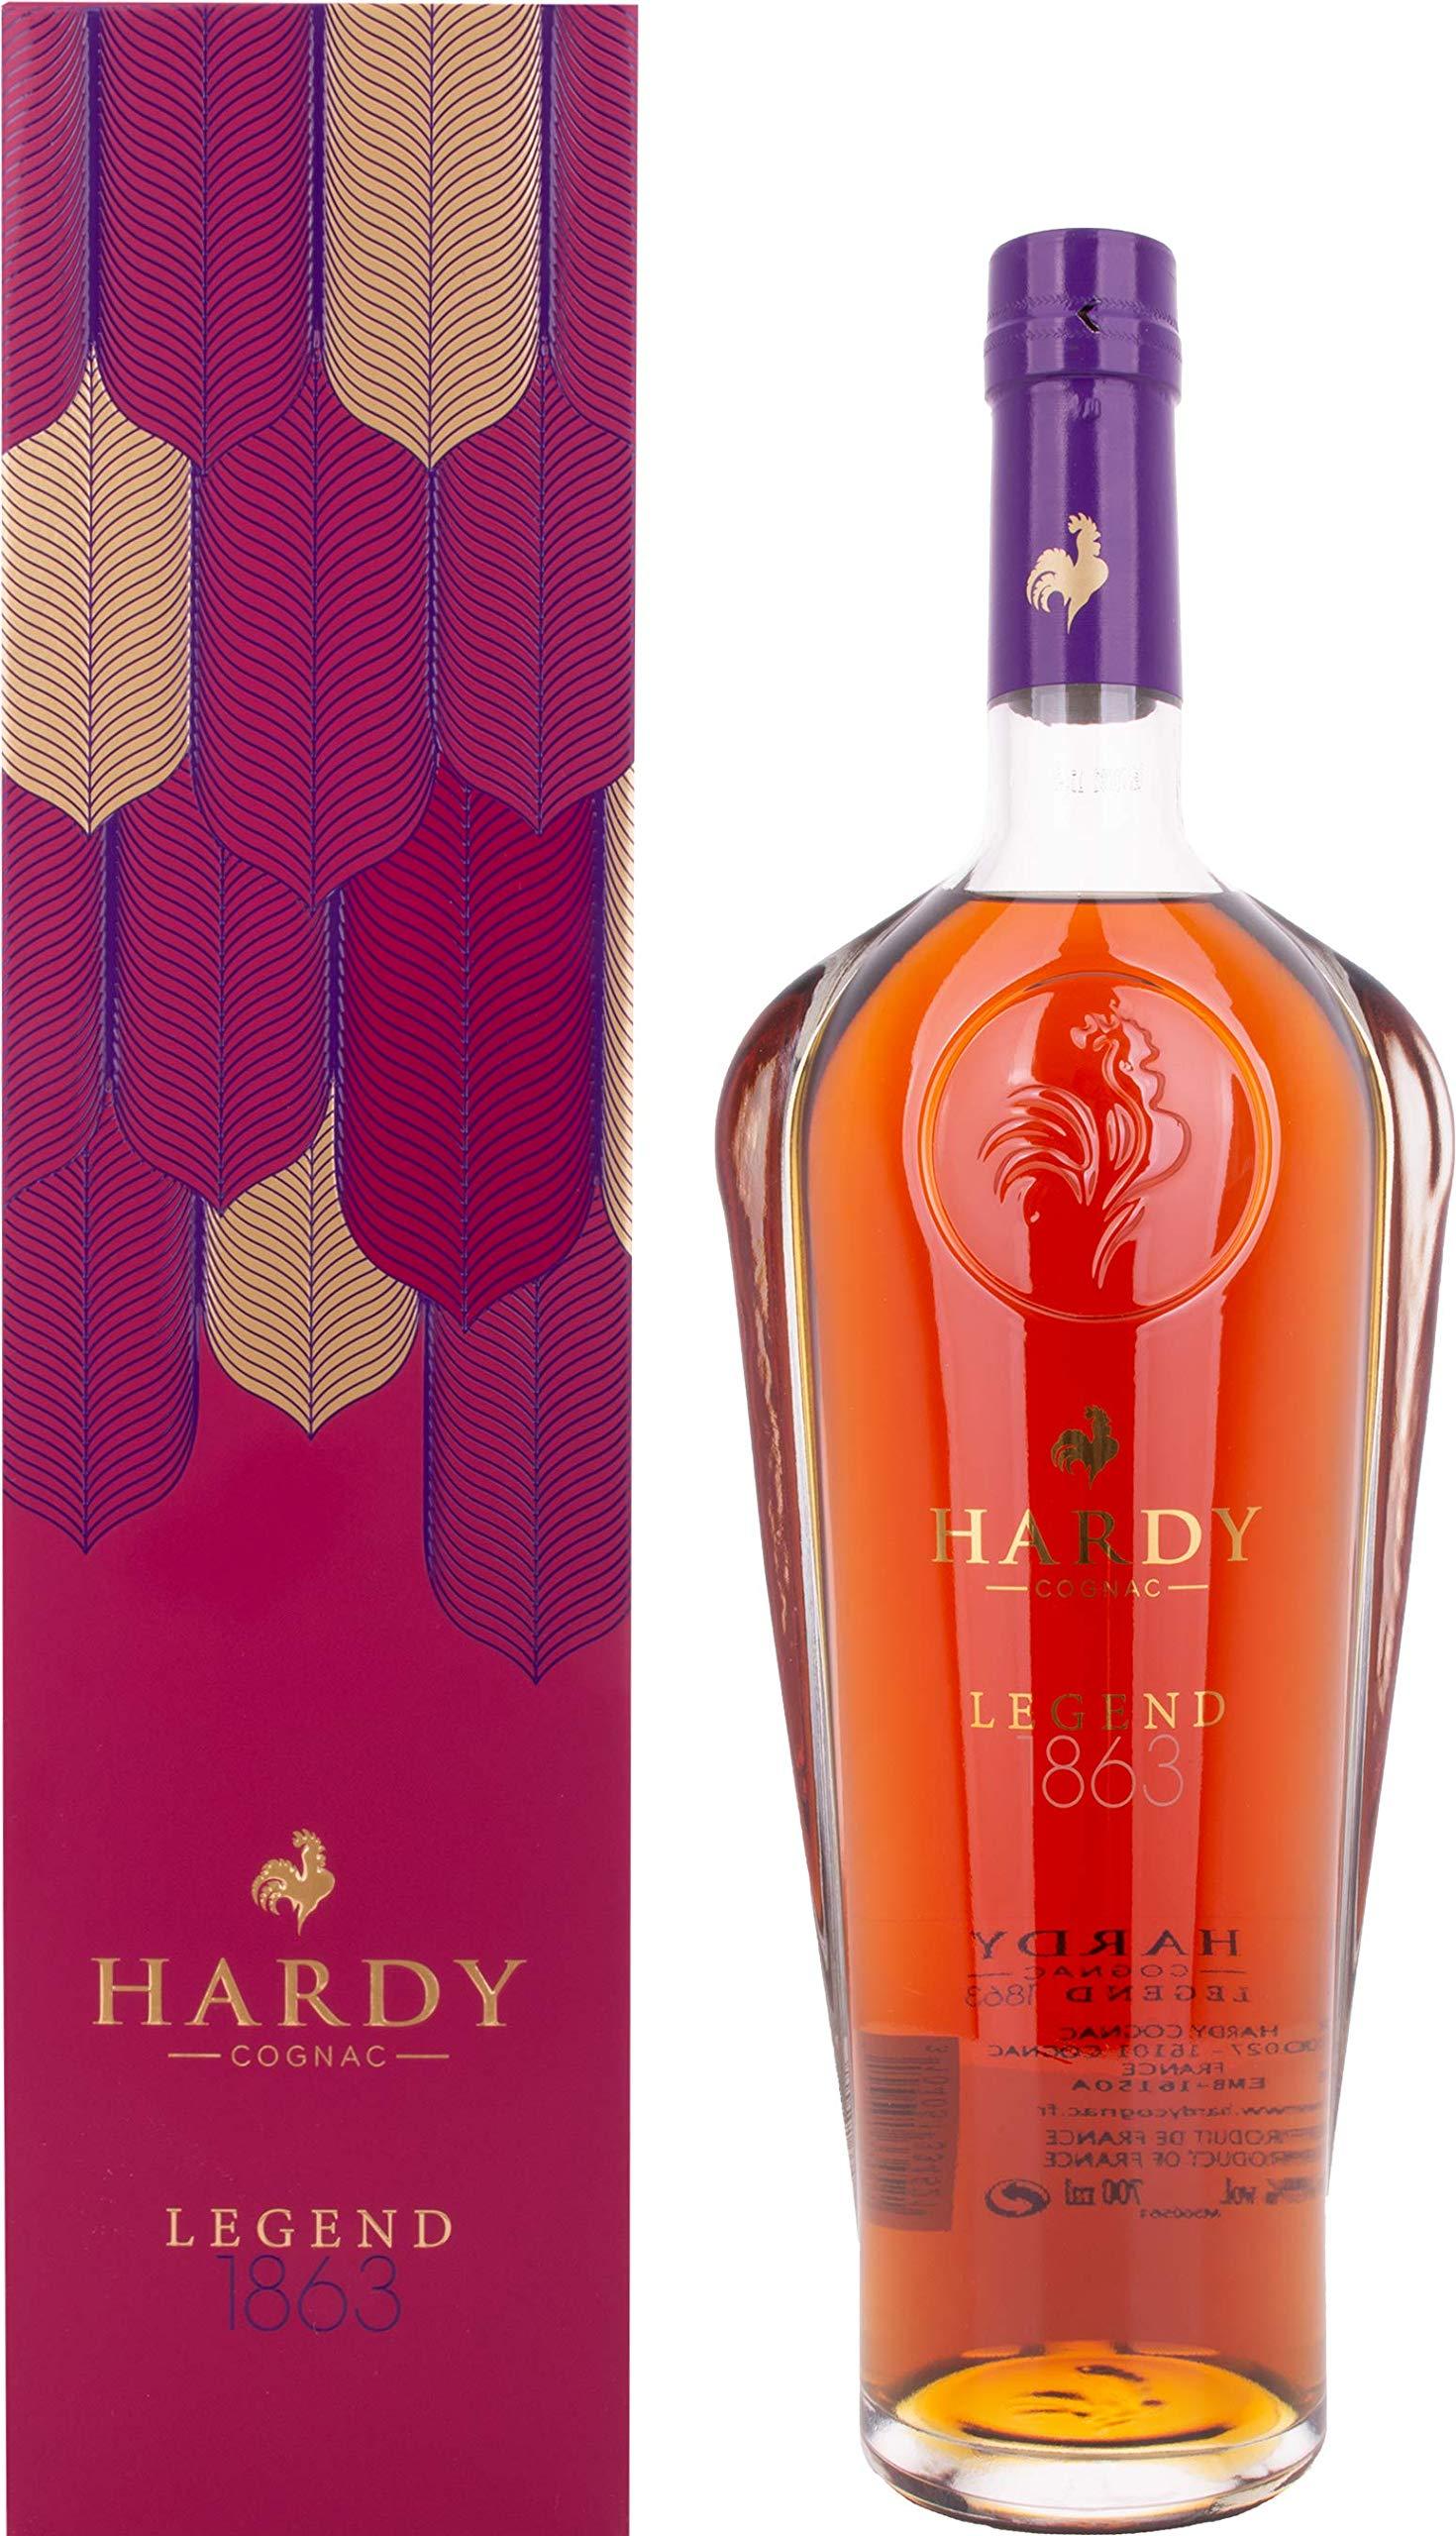 Hardy-Legend-Cognac-1863-1-x-07-l